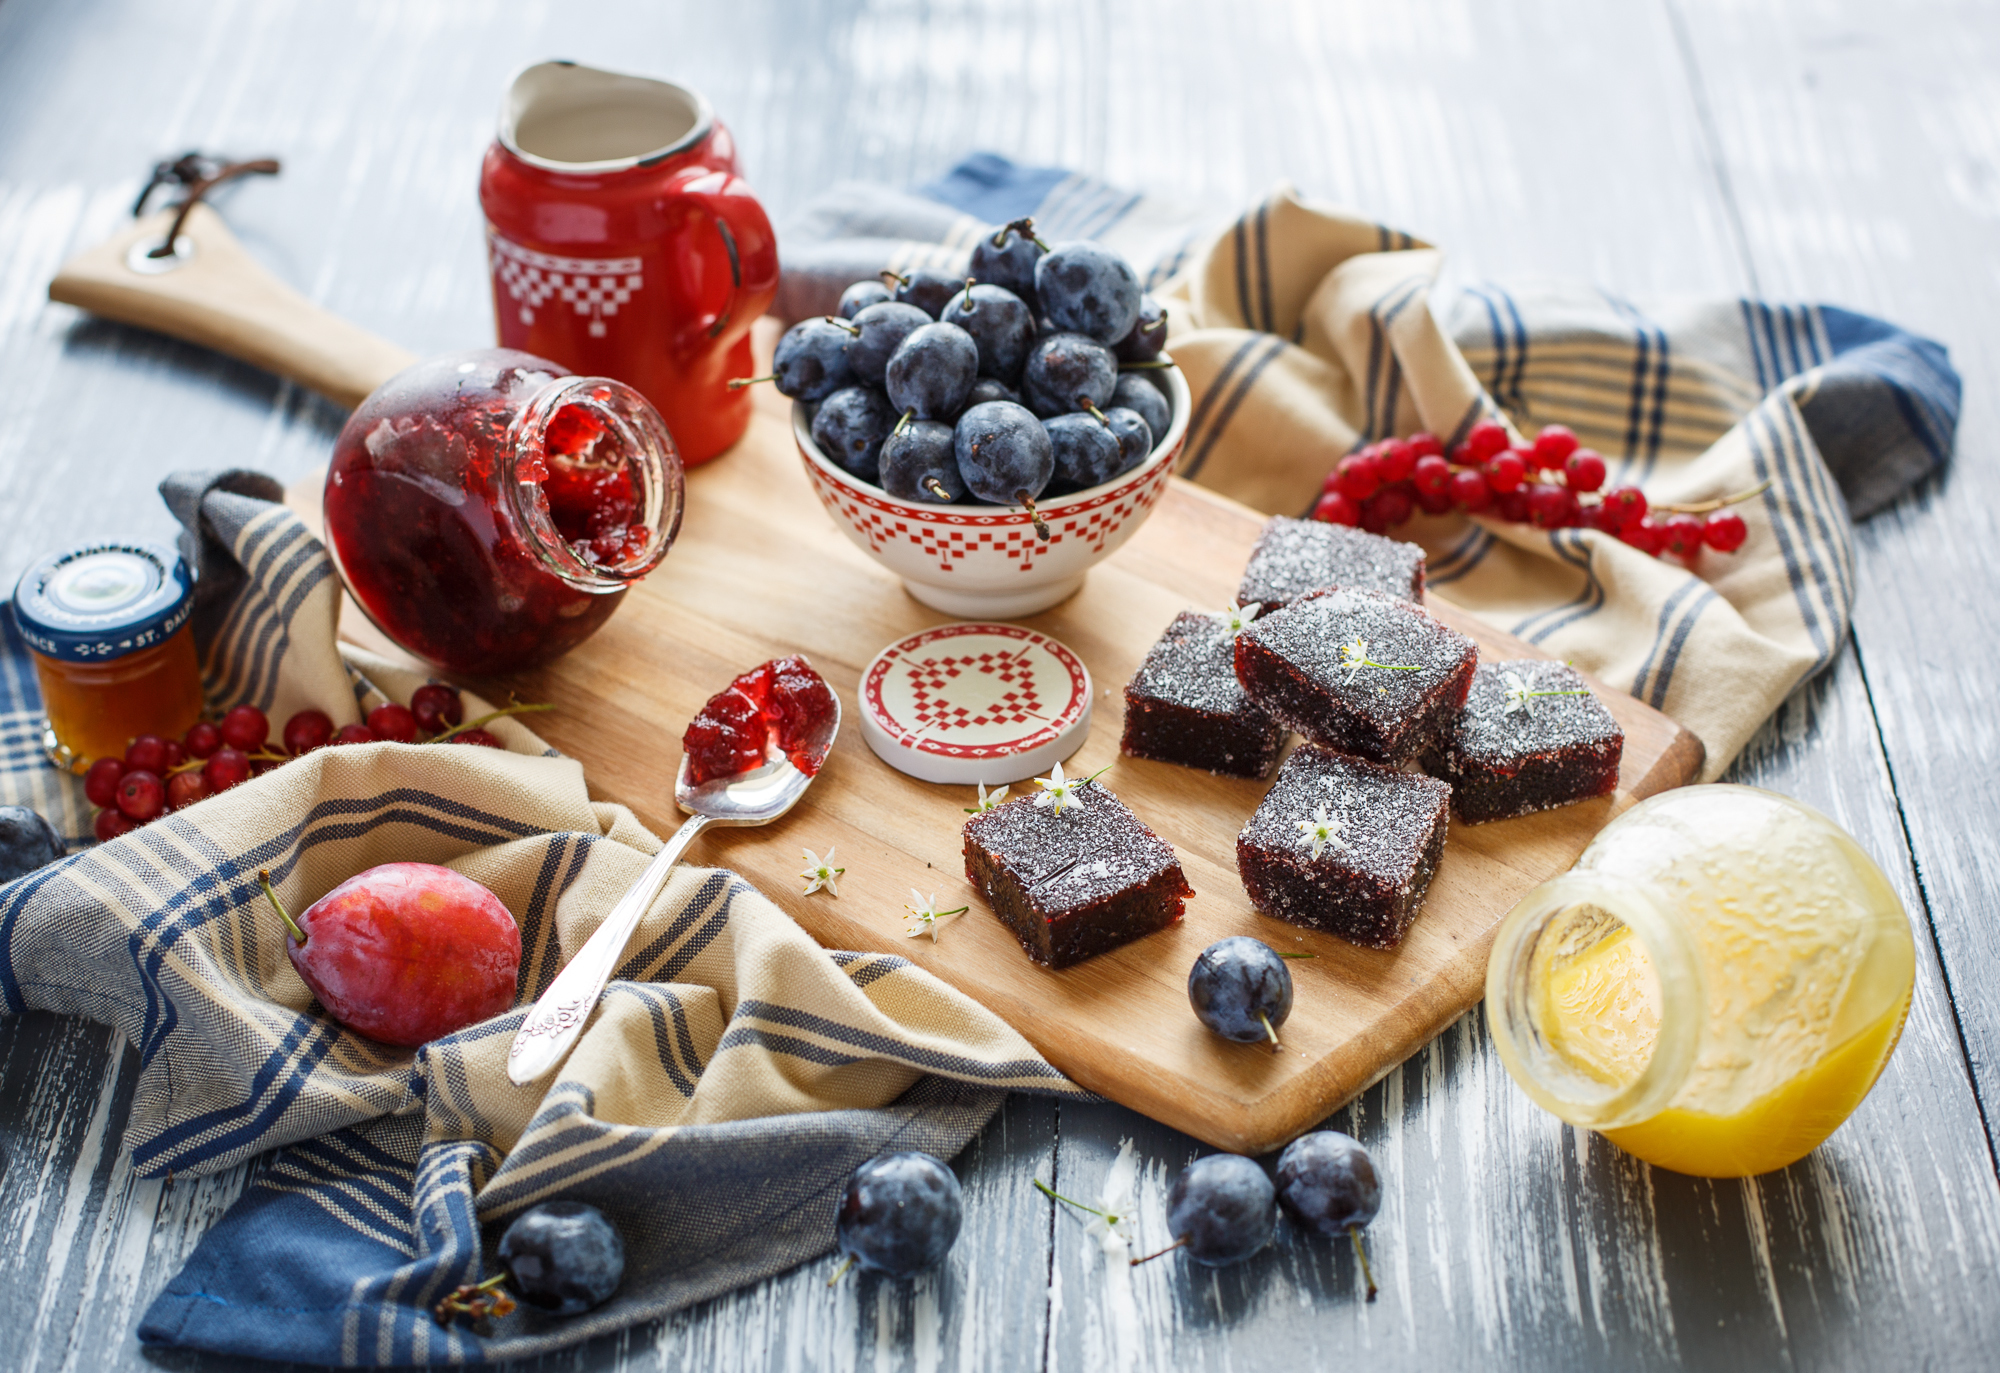 еда чай конфеты яблоки food tea candy apples  № 325853 без смс